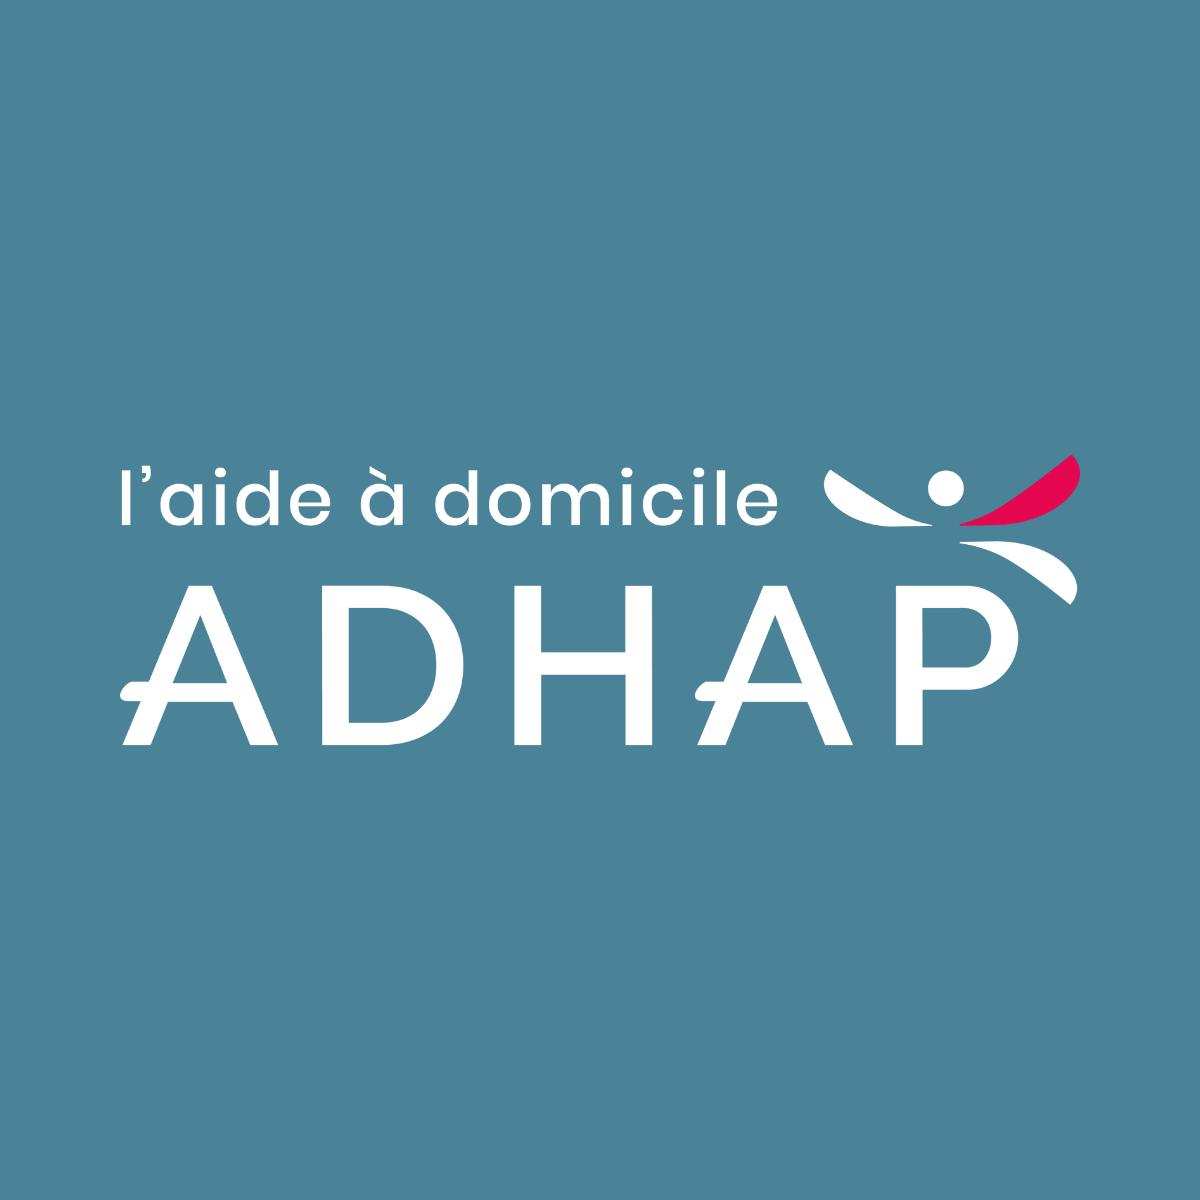 ADHAP services, aide à domicile